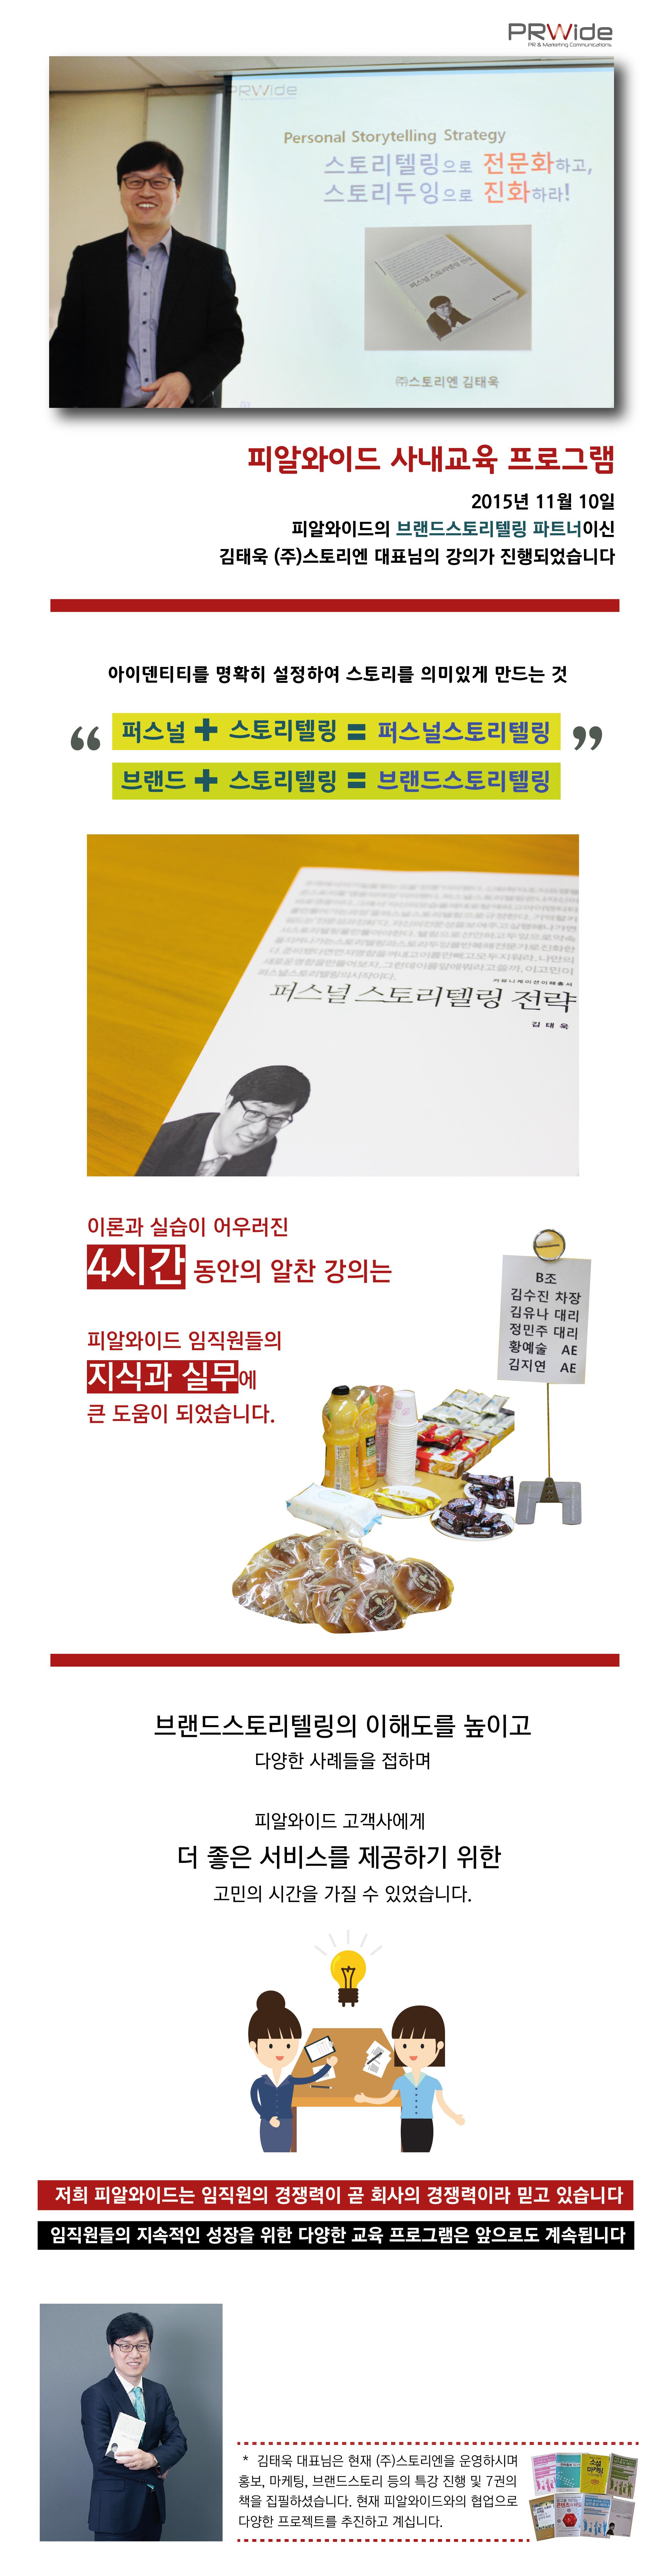 151110_김태욱대표님-01